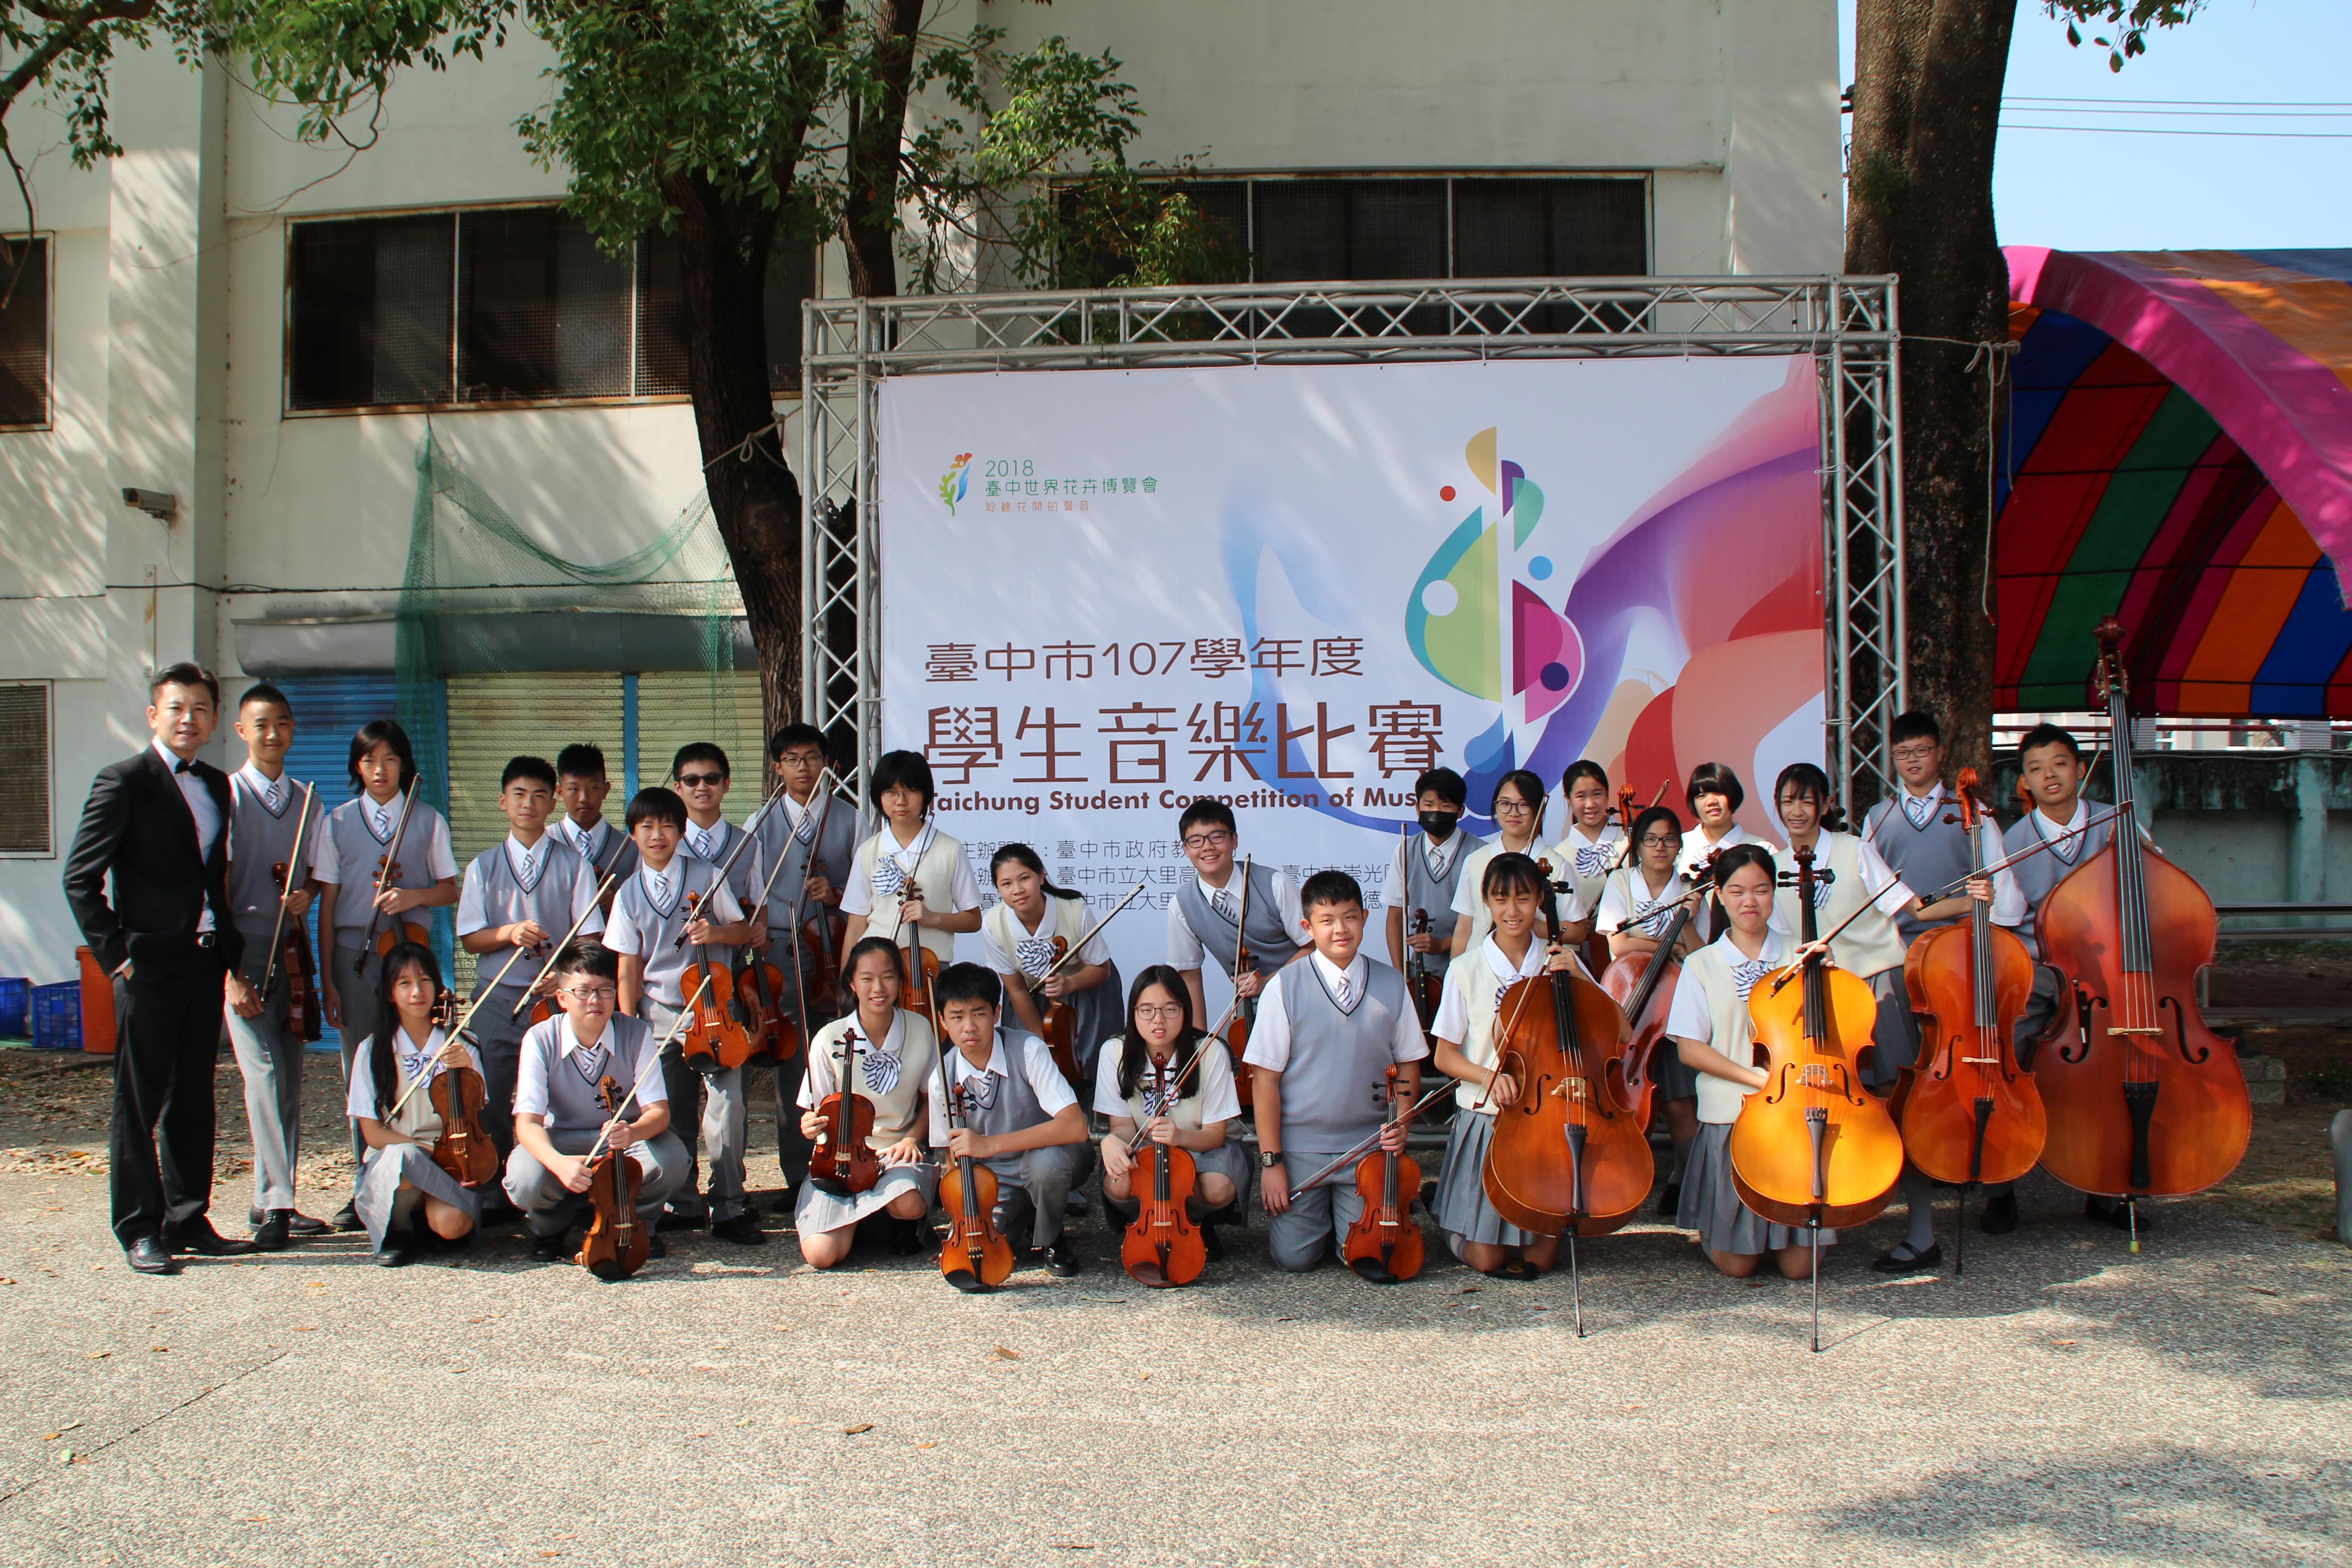 107學年度臺中市學生音樂比賽弦樂合奏